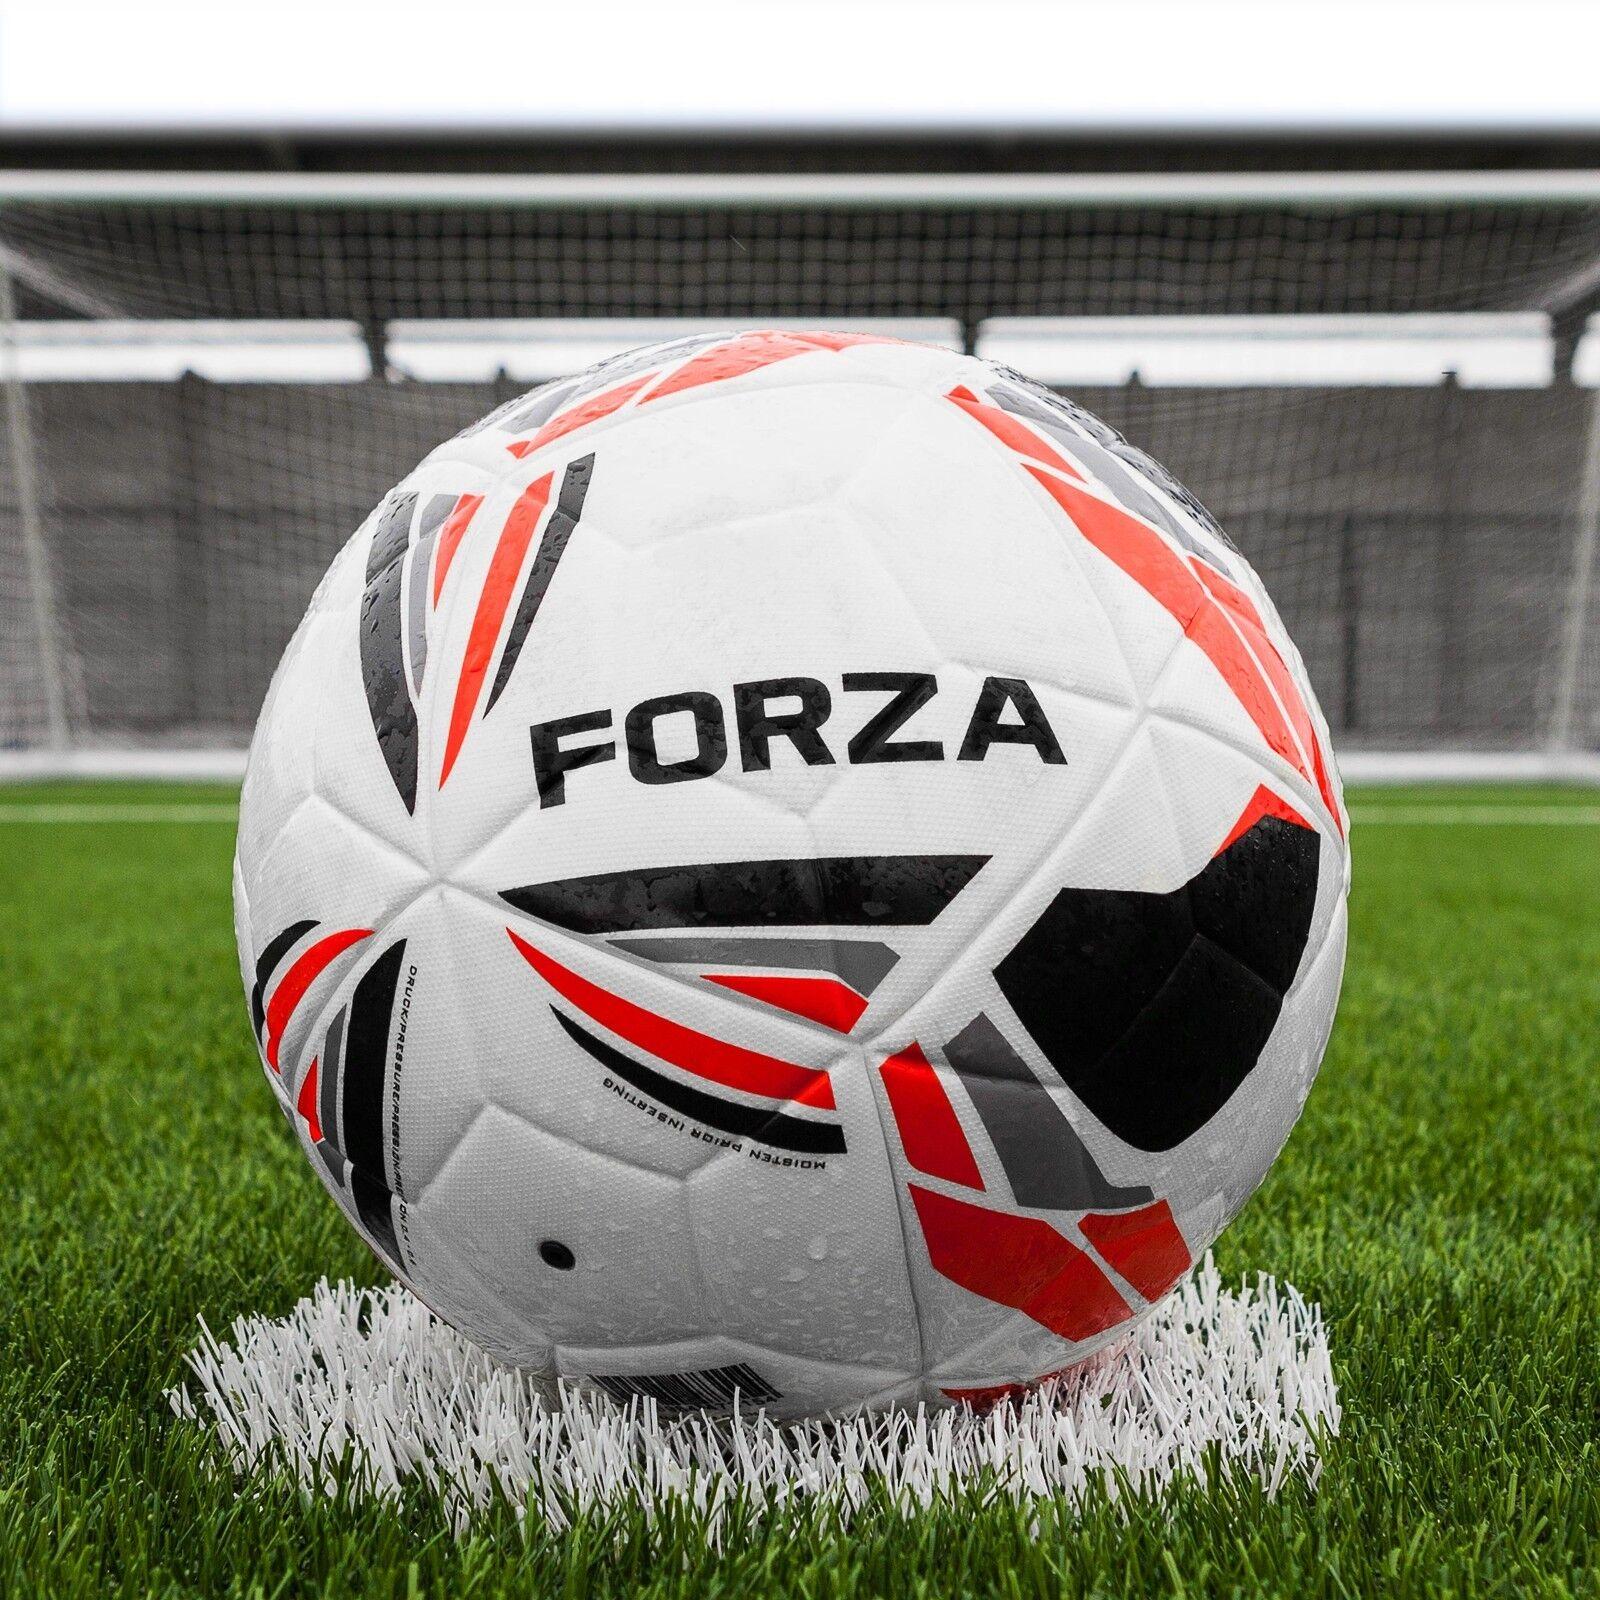 FORZA Pro Match Fusion Soccer Ball  Premium Match Soccer Ball | Match Ball